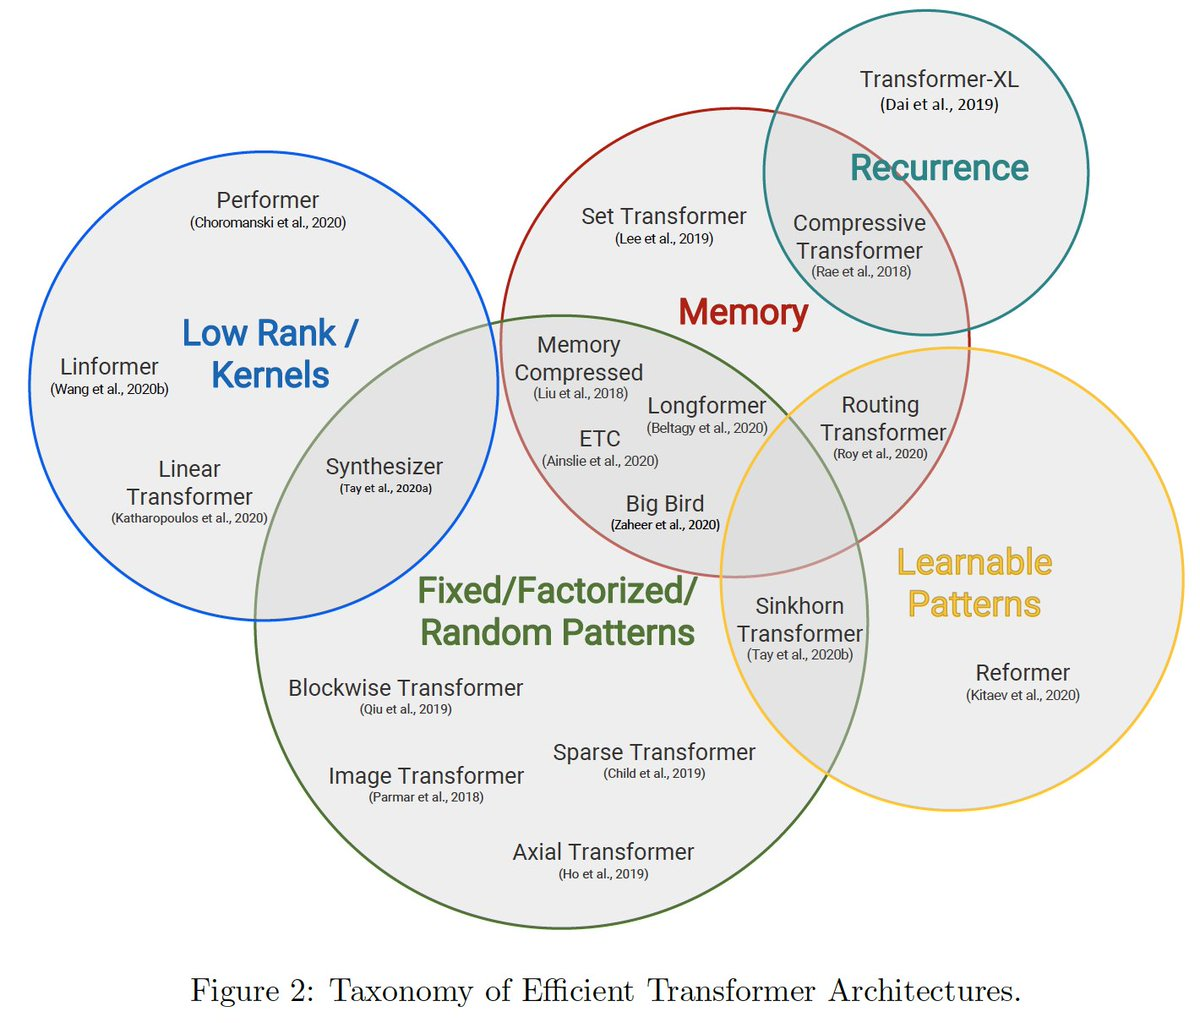 自然言語処理を中心に近年広がってきたTransformerモデルの改善系のサーベイ論文。メモリ改善やattentionの使い方などの項目ごとにまとめられている。図表とDiscussionだけ見ても、なんとなく流れがつかめる。